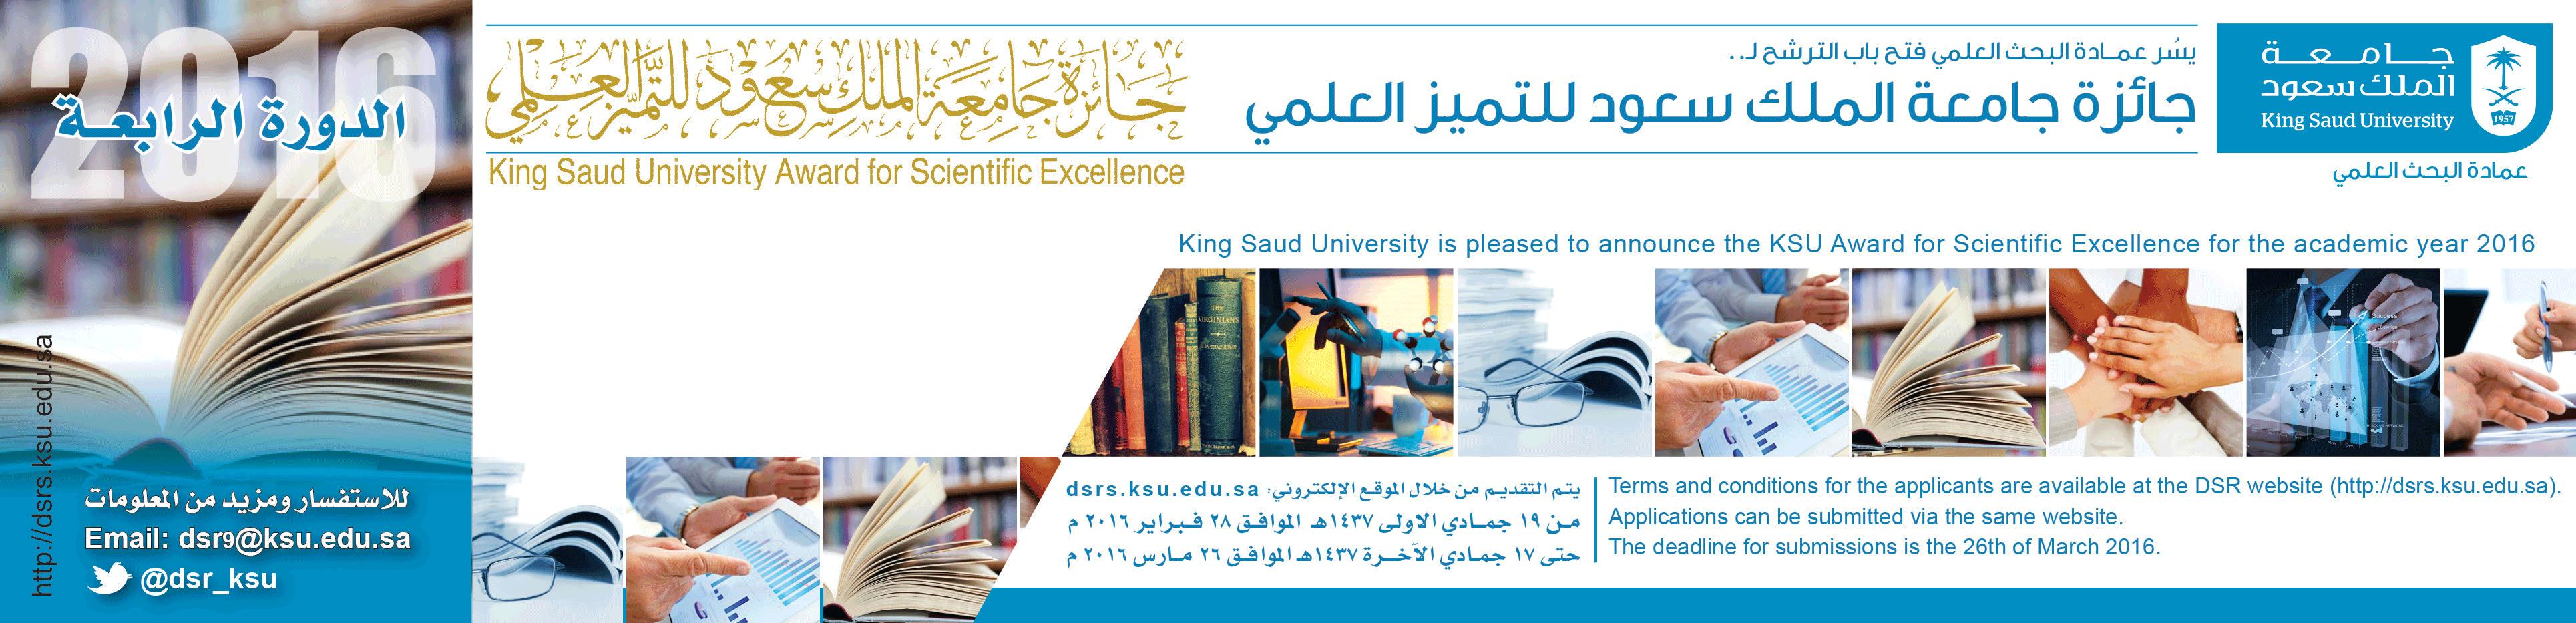 جائزة جامعة الملك سعود للتميز... - انطلاقاً من حرص الجامعة...